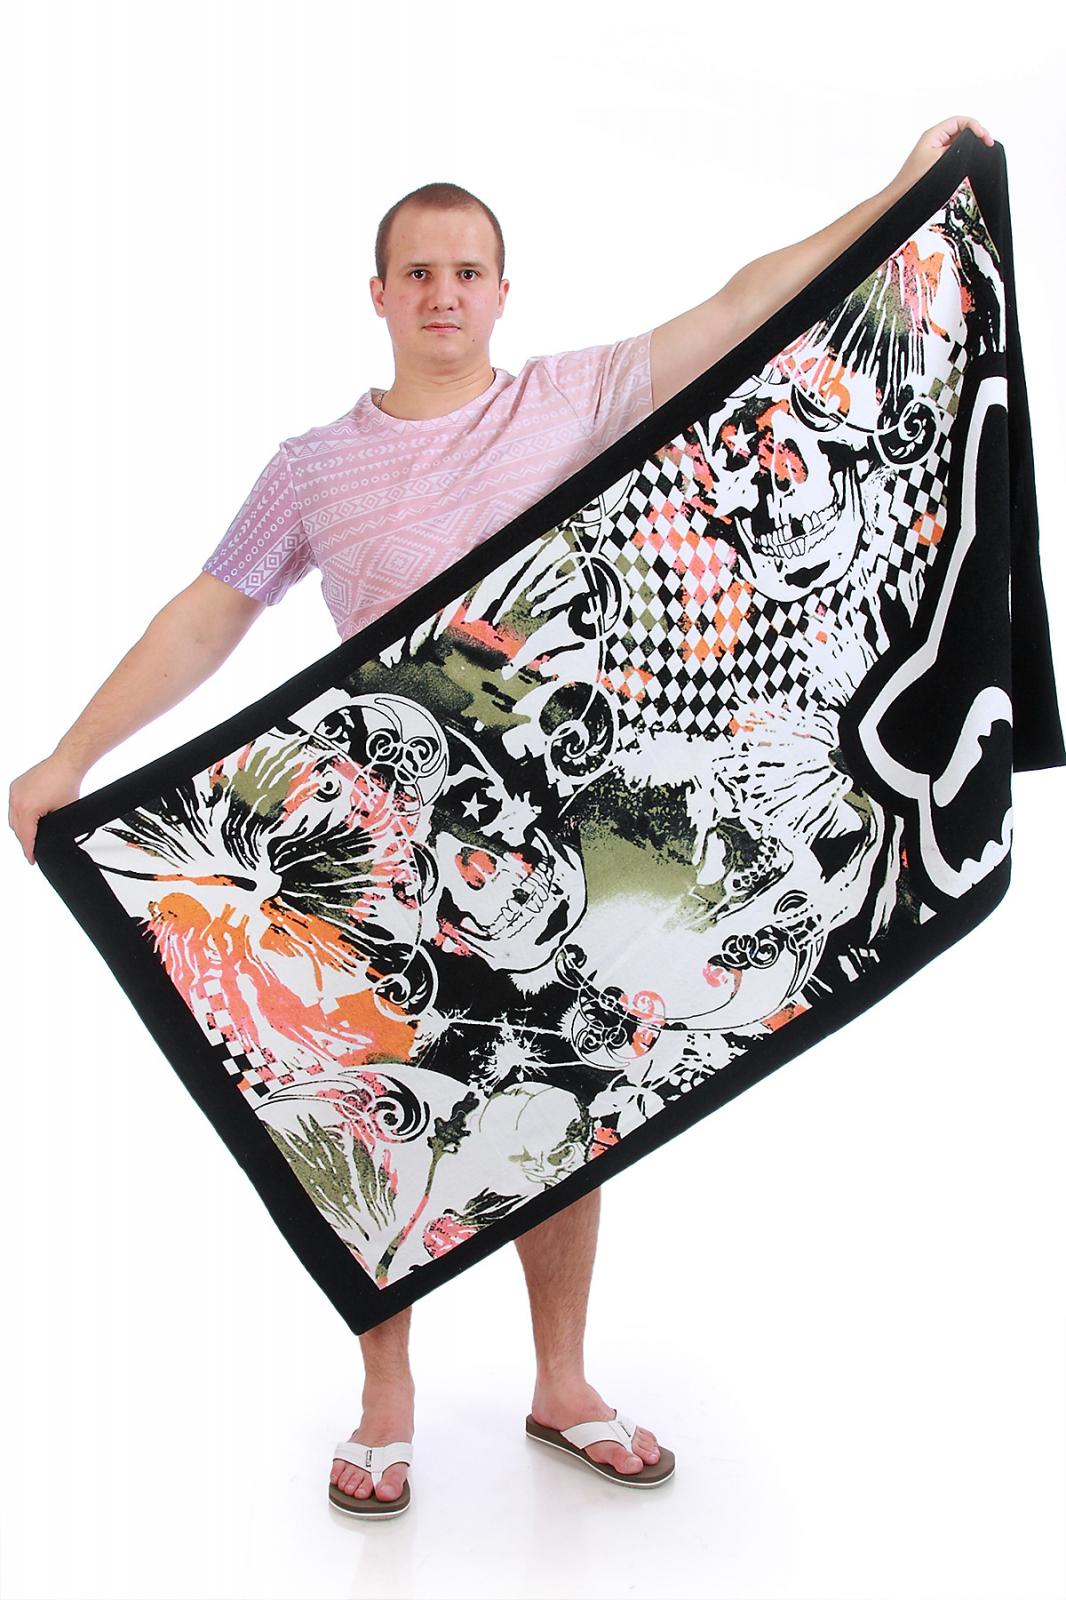 Пляжное полотенце-покрывало Fox Riders.